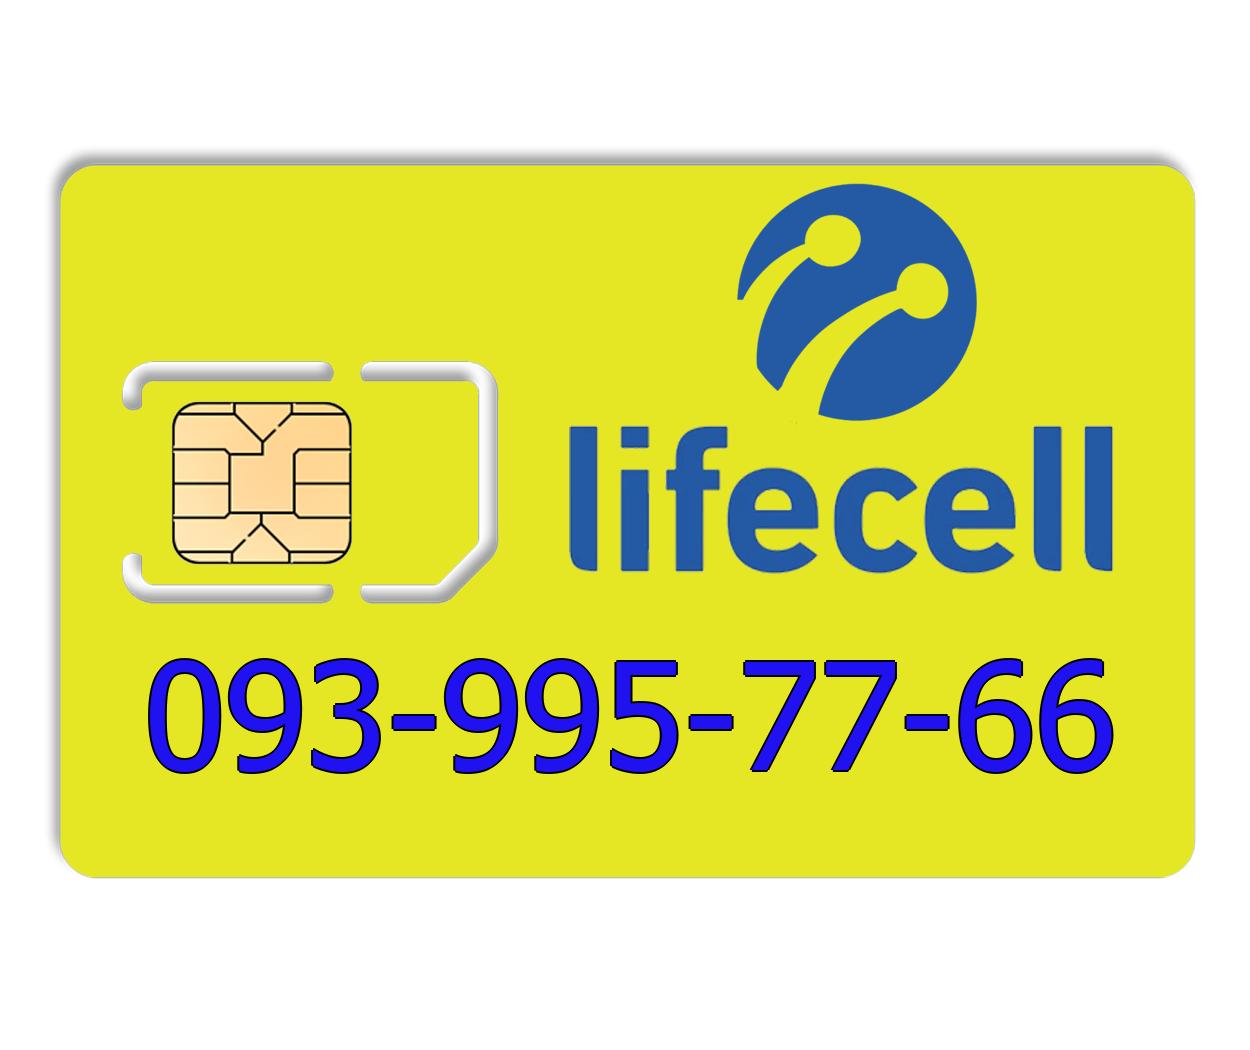 Красивый номер lifecell 093-995-77-66